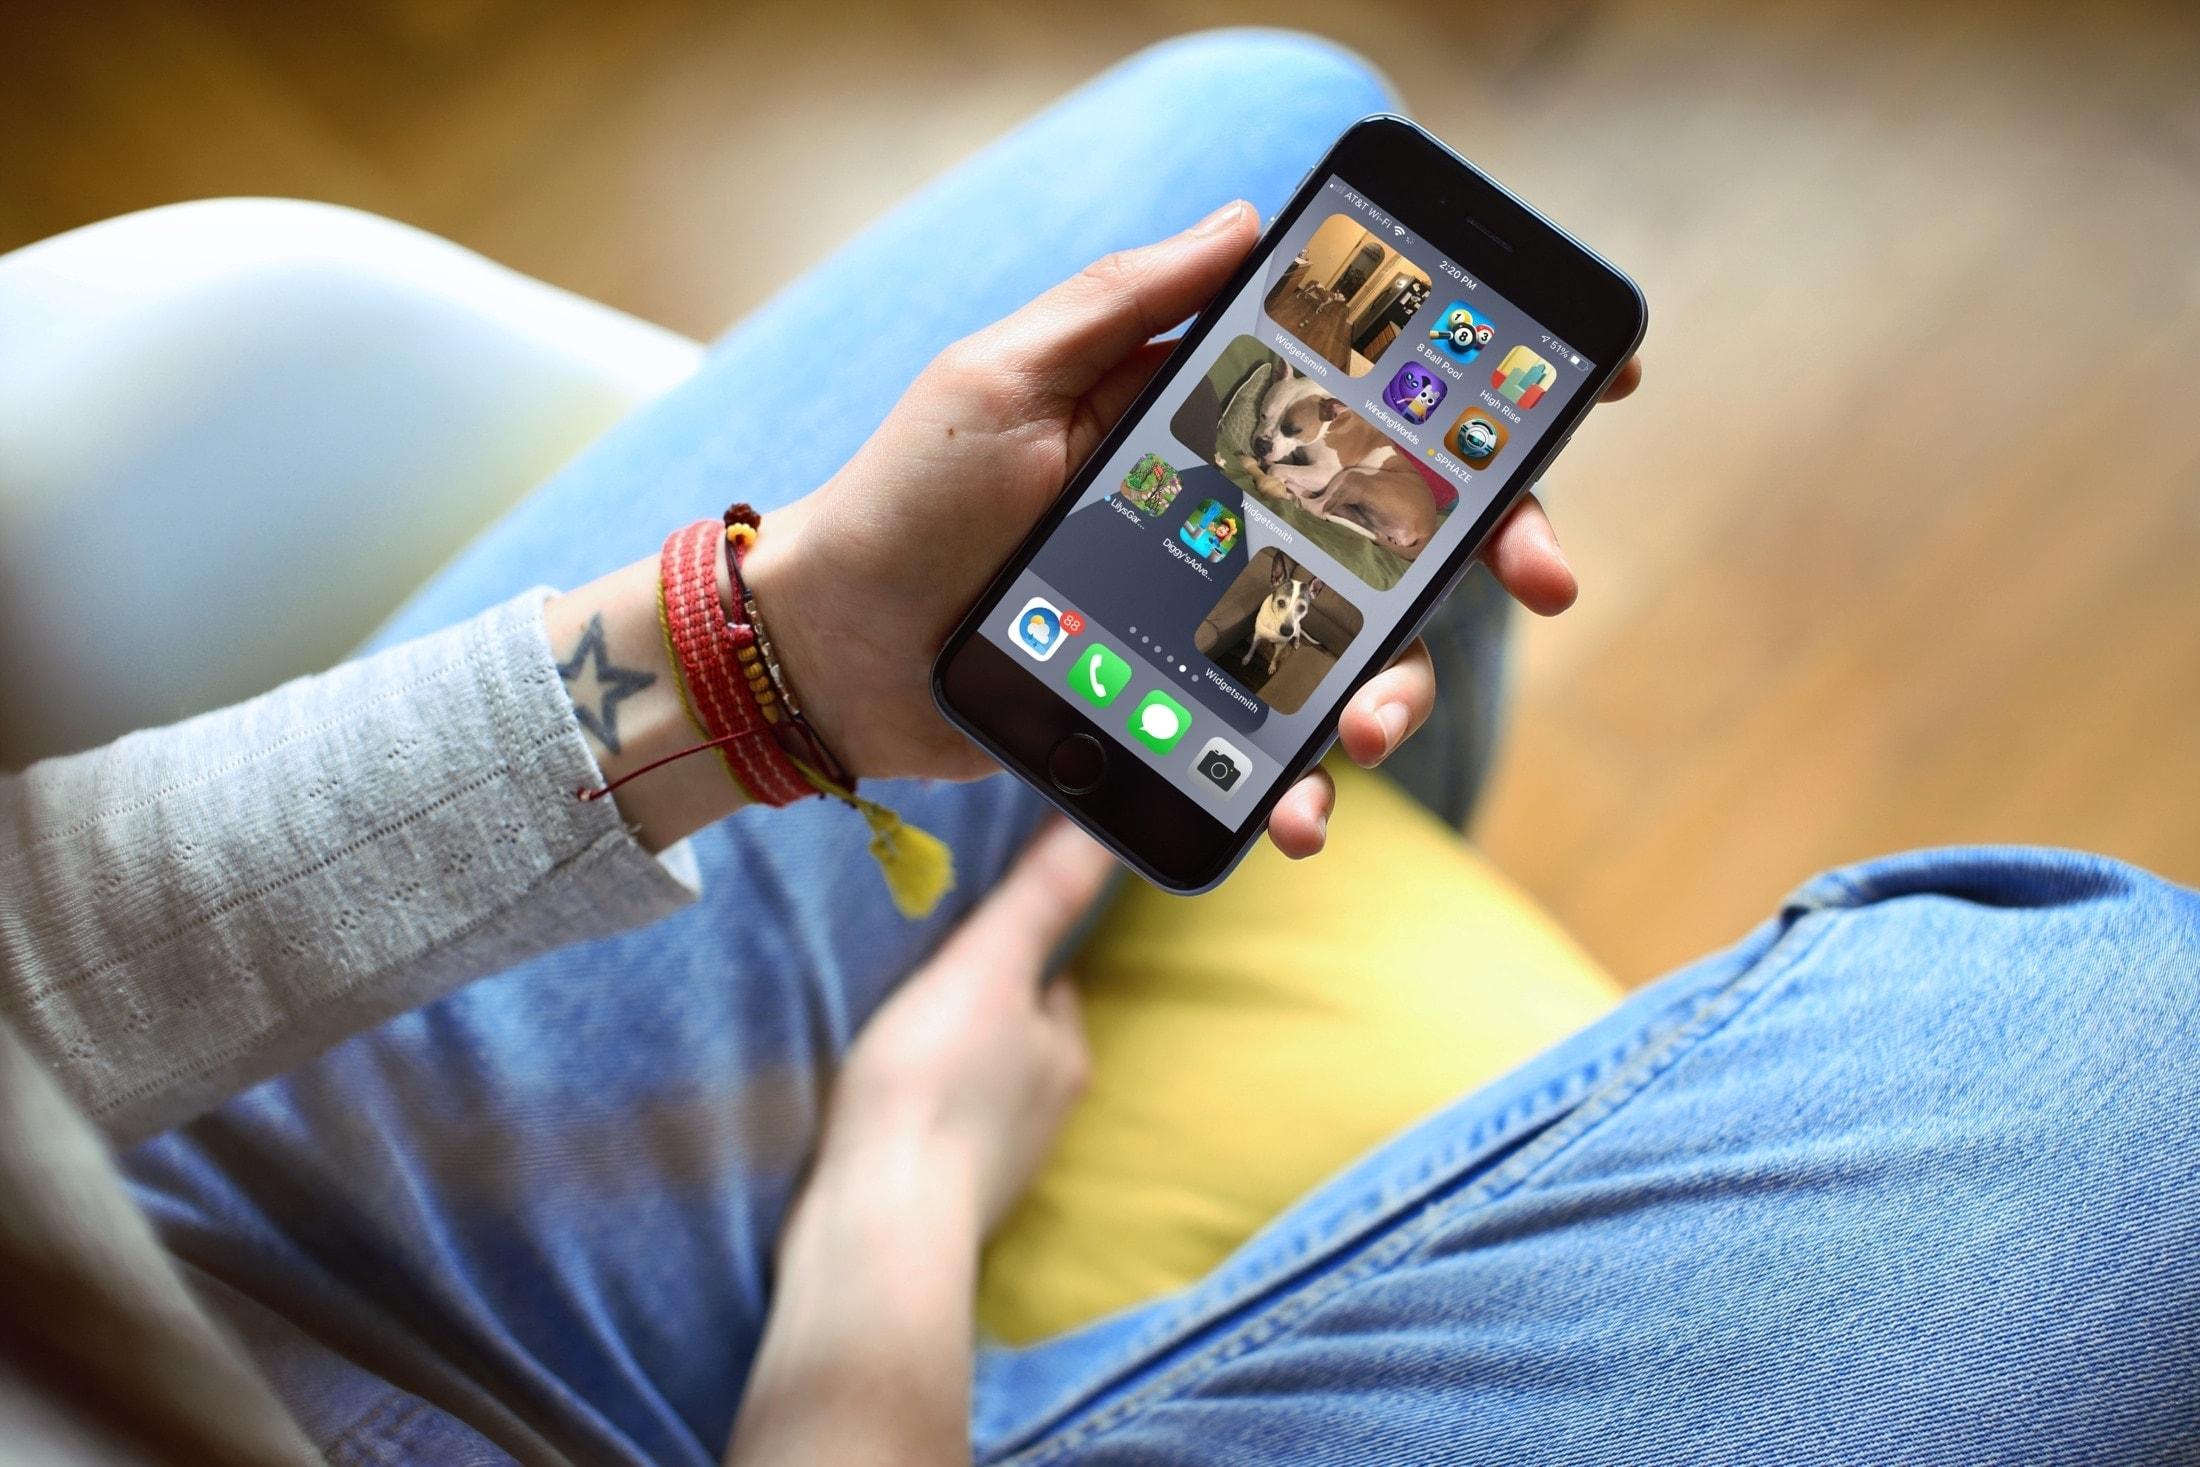 Widgetsmith photo and album widgets on iPhone